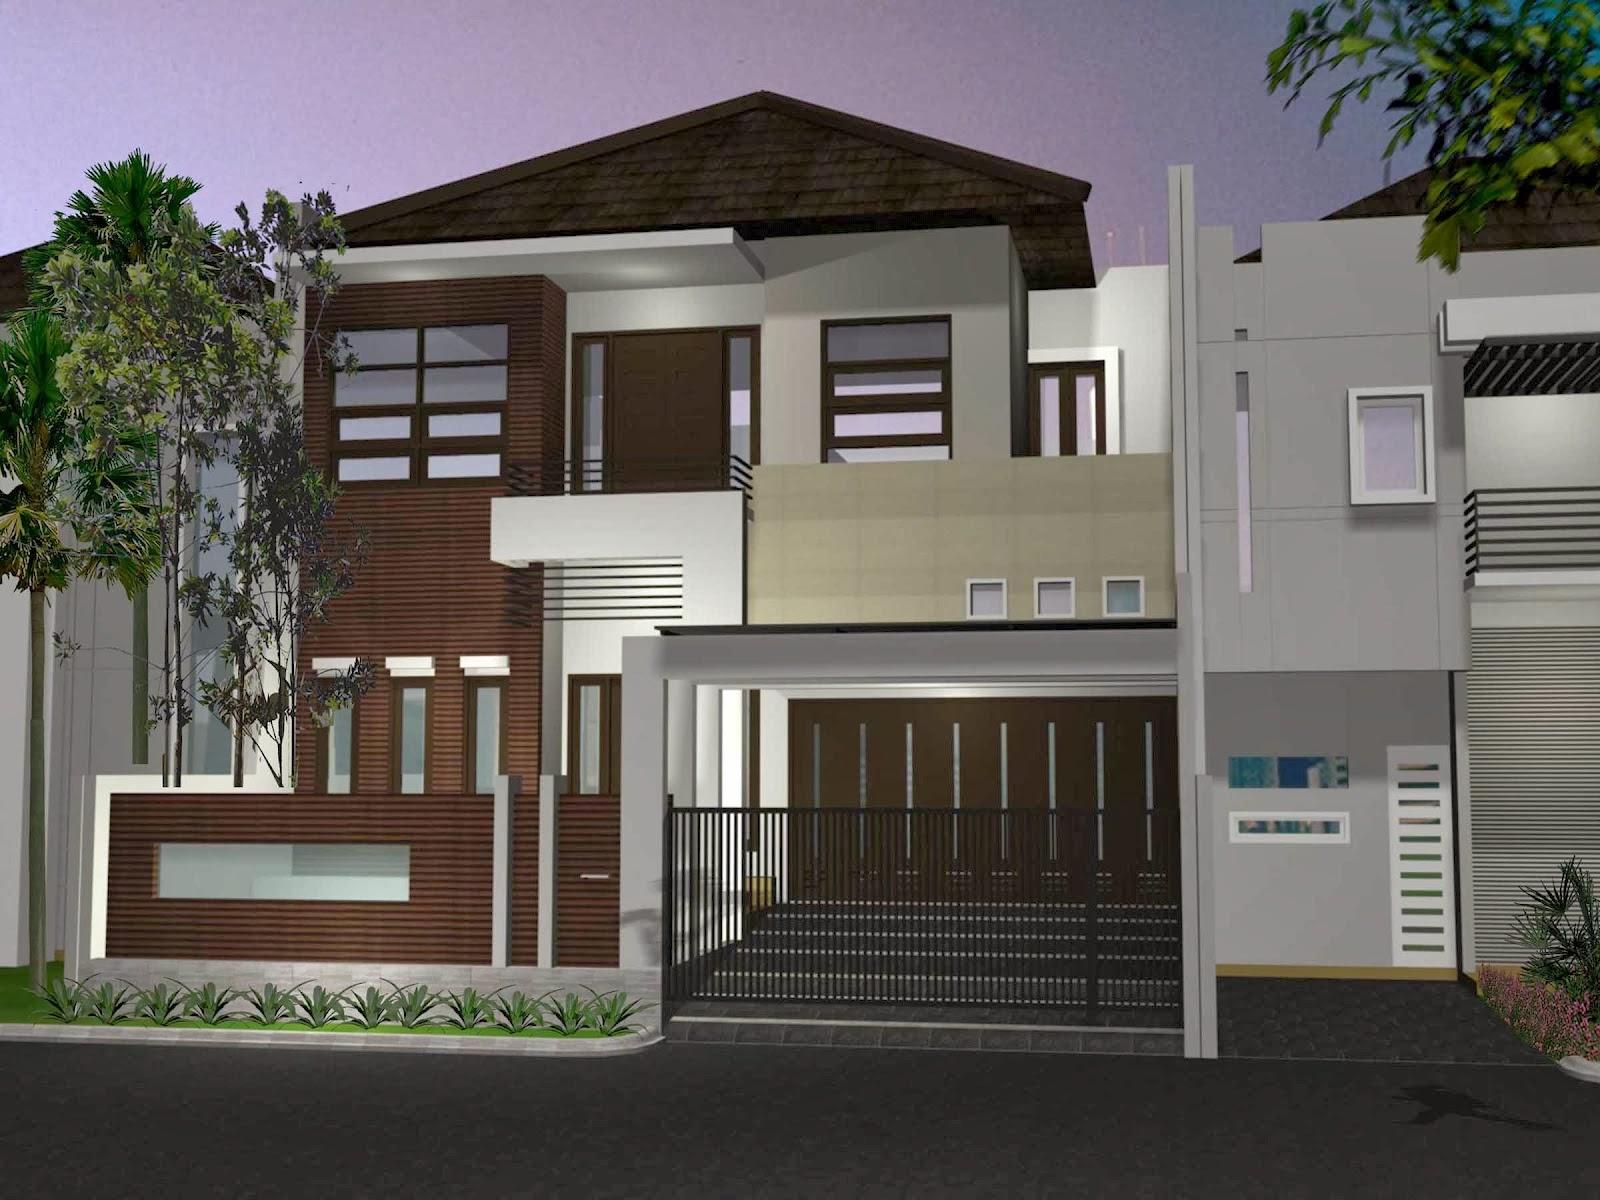 Gambar Rumah Minimalis Modern 2 Lantai 15 Desain Rumah Minimalis